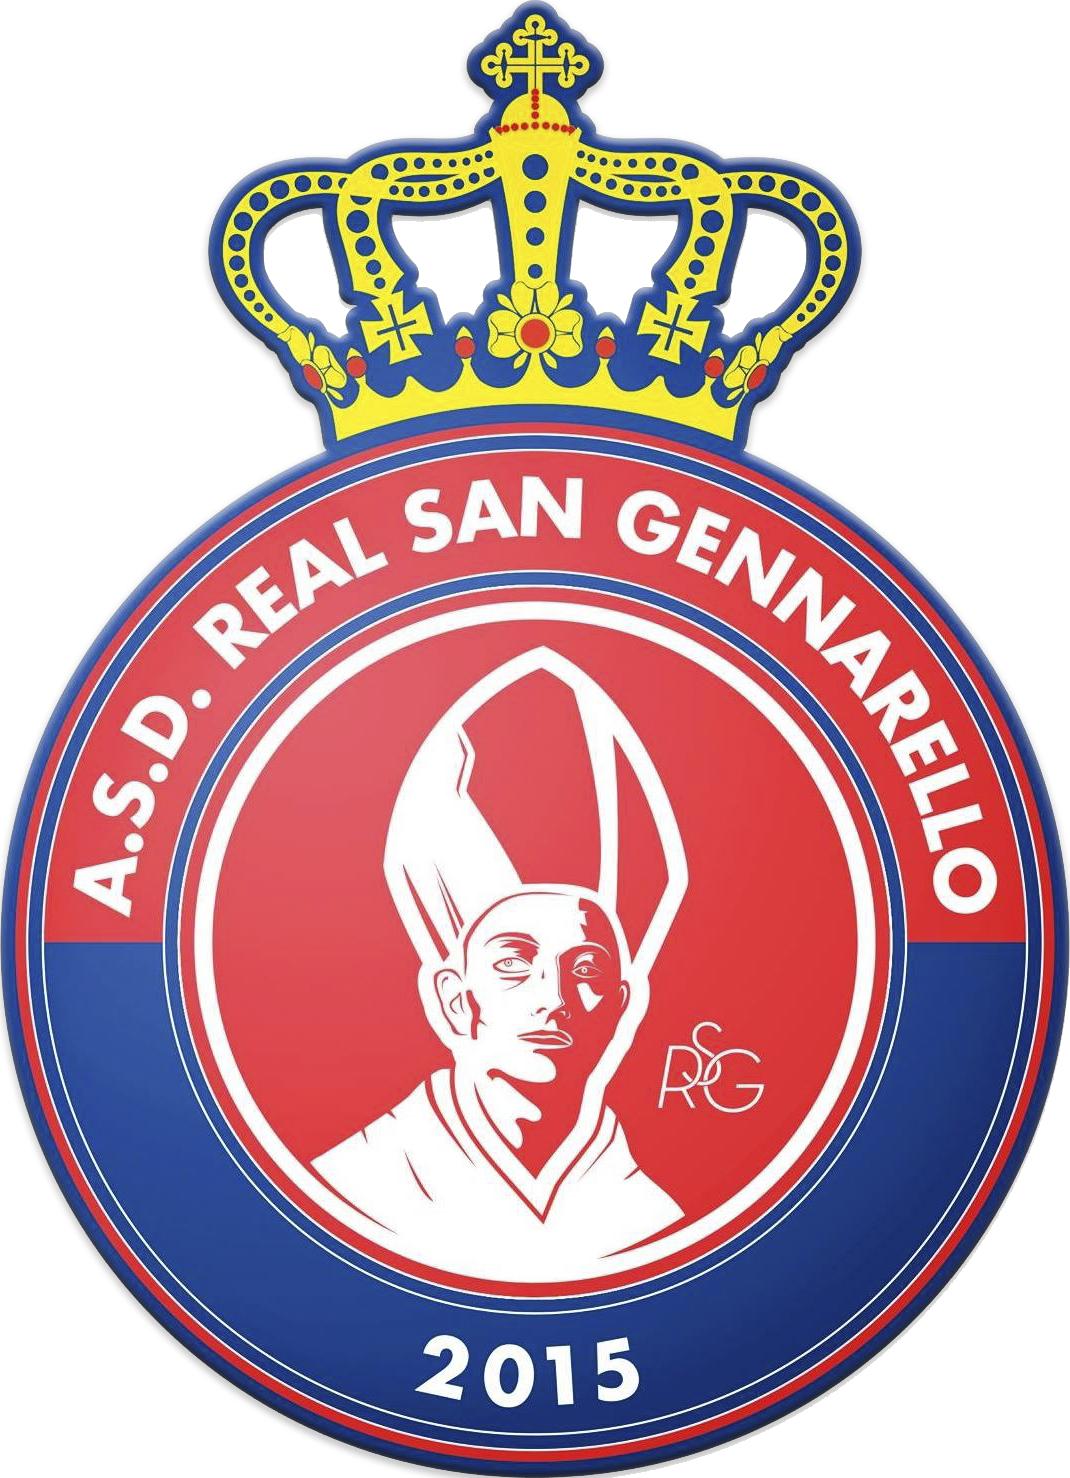 UFFICIALE | Prima categoria, Real San Gennarello: ufficiali le cessioni di Amato e di Cirillo e l'acquisto di Diego Di Palma